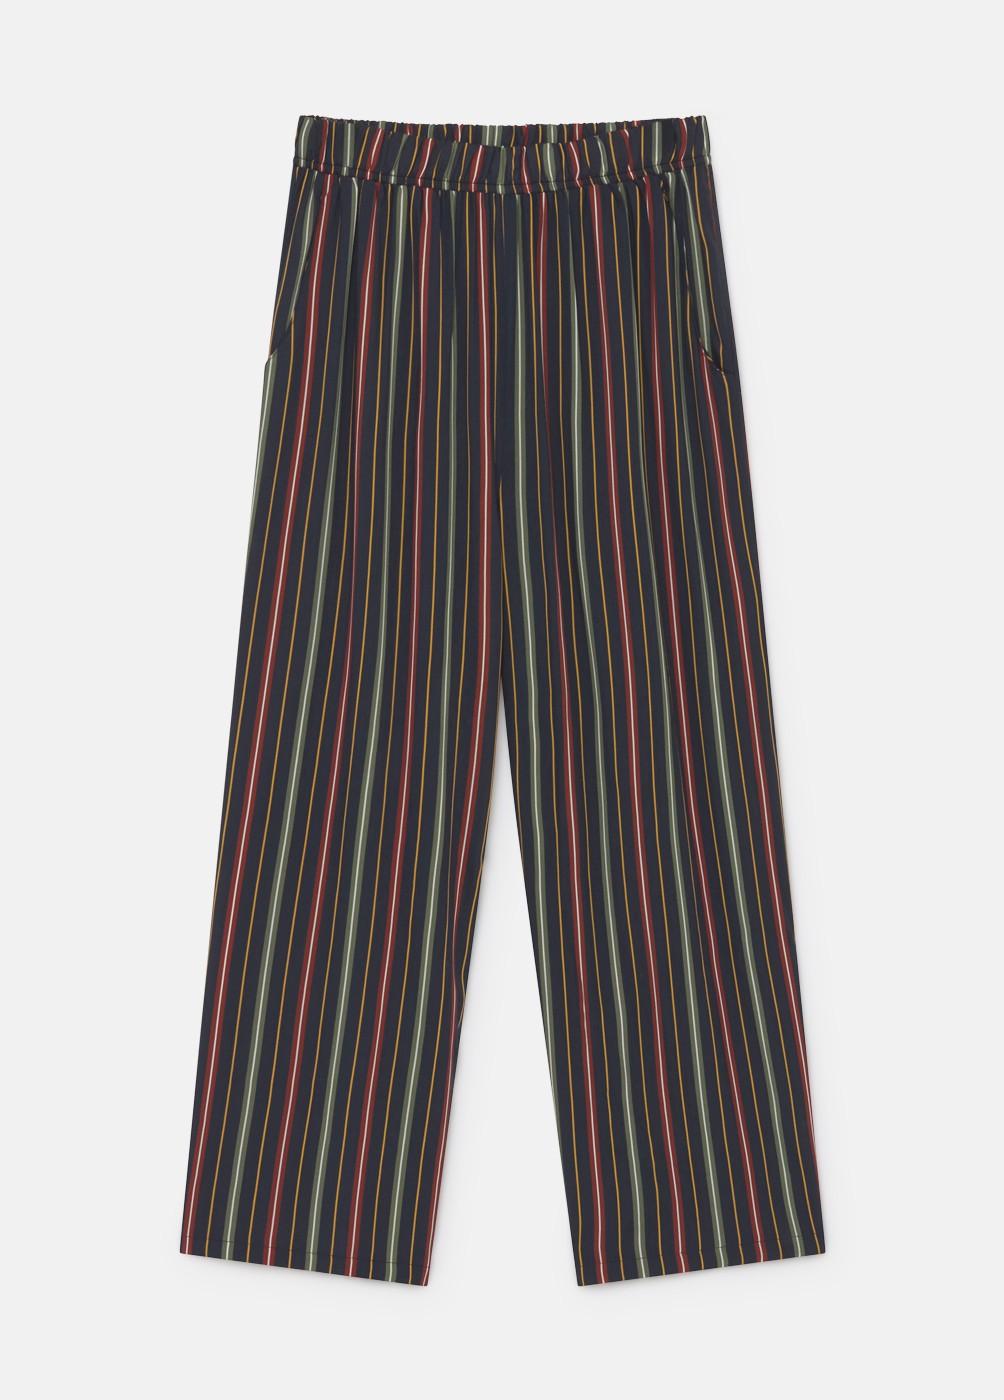 Pantalon Rafi Stripe Ly Multiraya